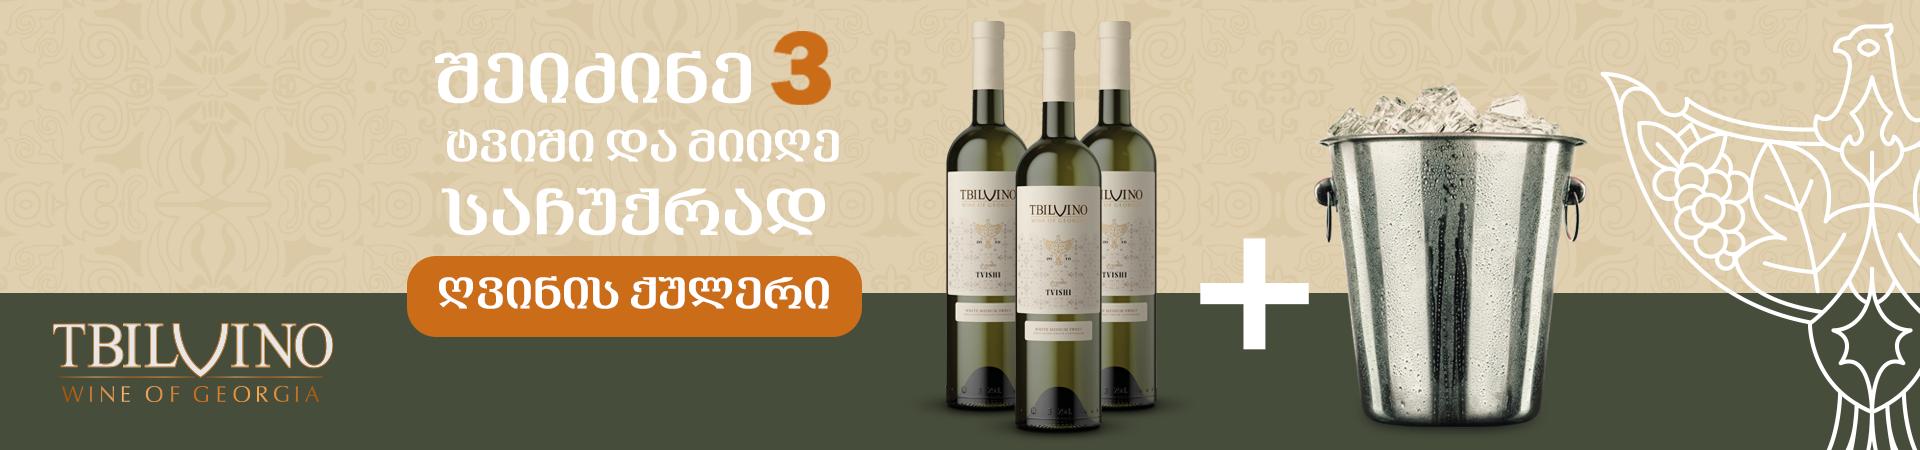 tvishi-wine-cooler-1920X450-GEO